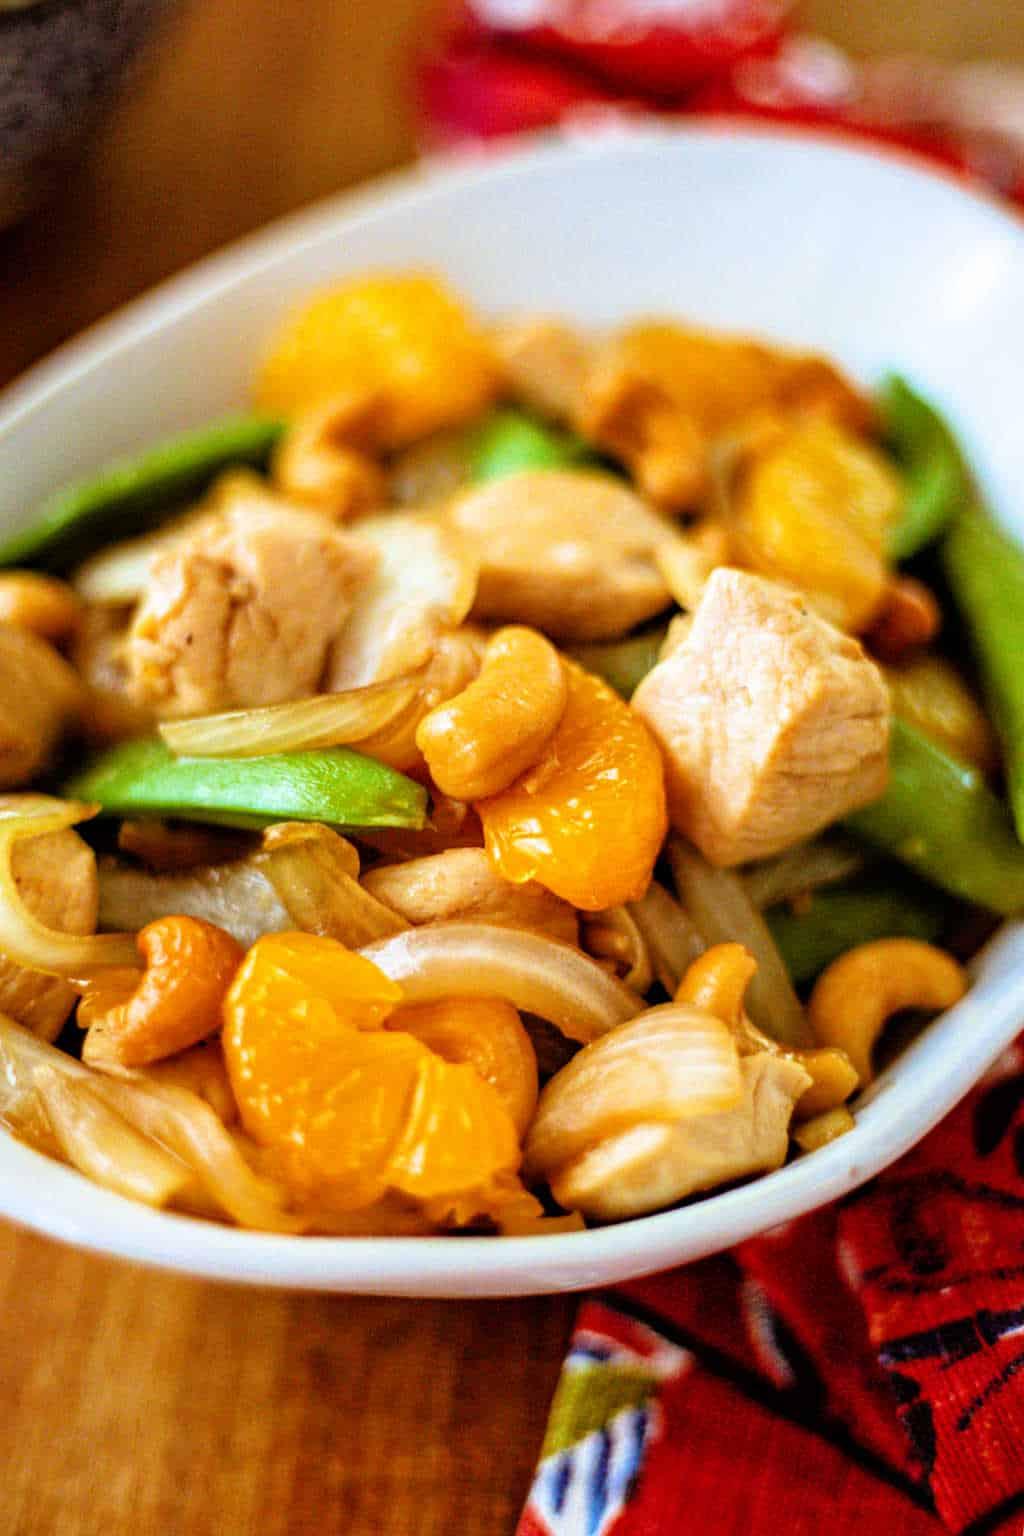 Easy Orange Cashew Chicken in a white bowl